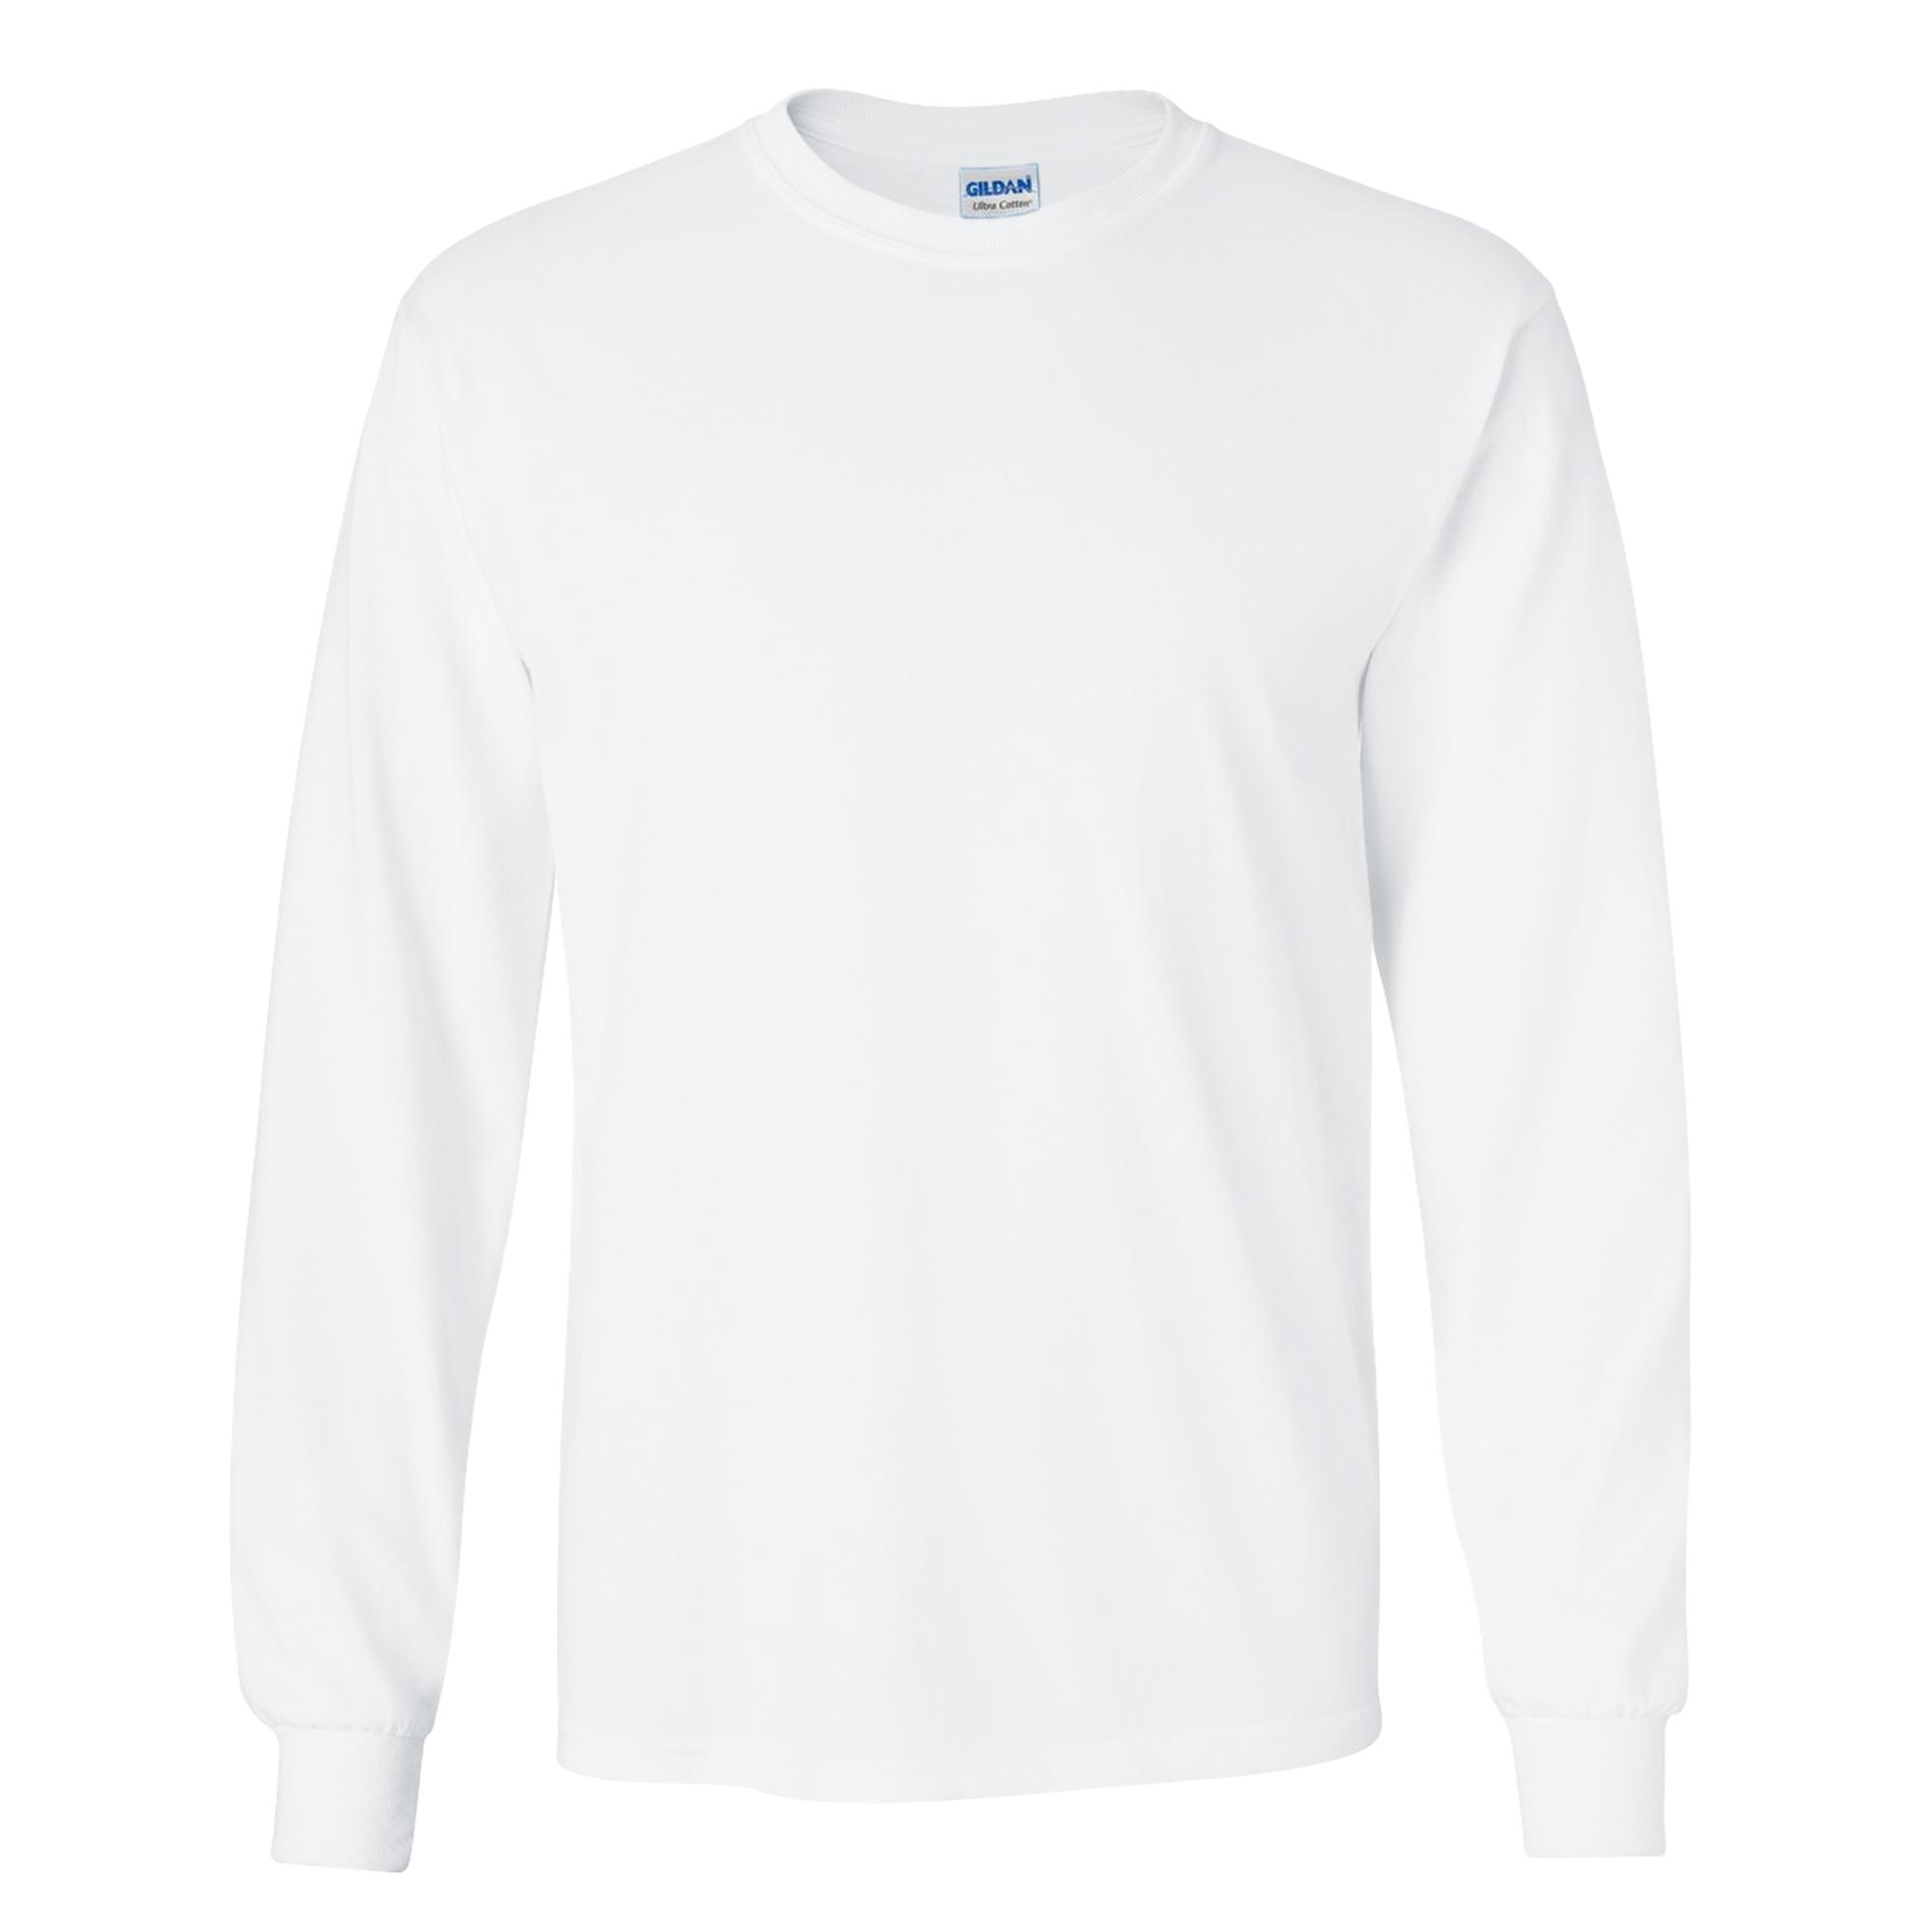 miniature 11 - T-shirt-uni-a-manches-longues-Gildan-100-coton-pour-homme-S-2XL-BC477